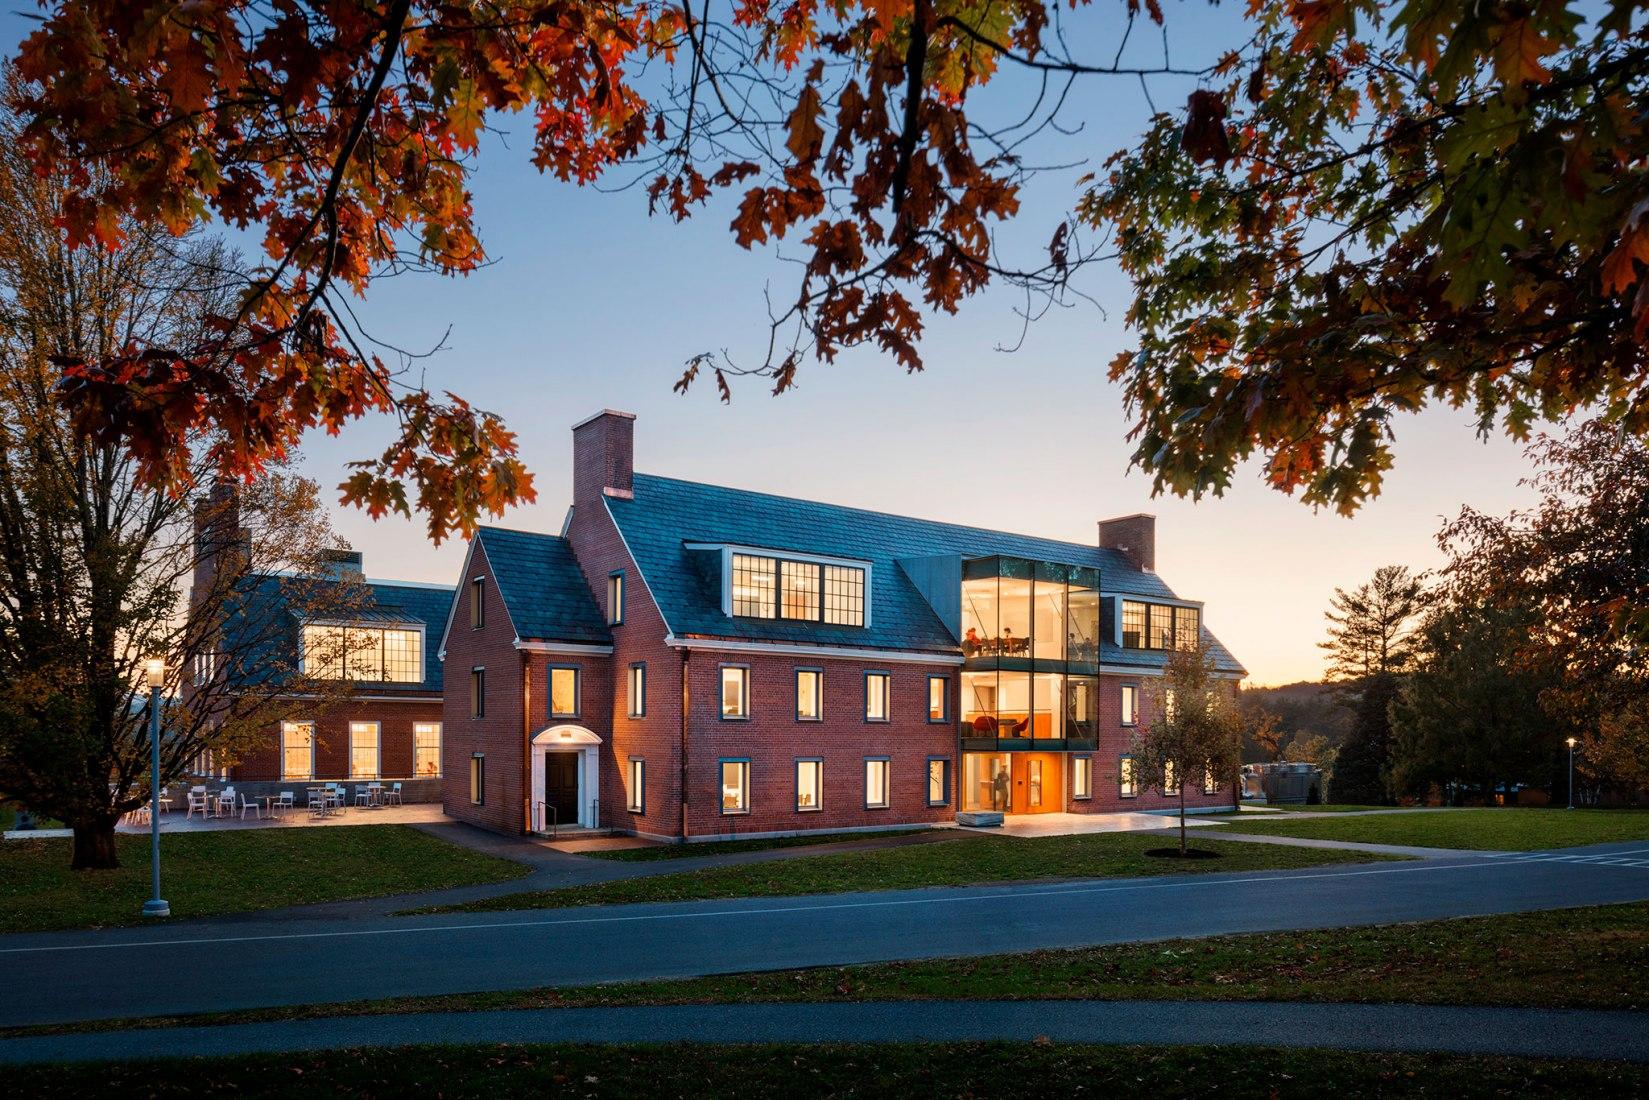 Rehabilitación y Transformación del edificio Commons de Bennington College por Christoff: Finio. Fotografía por Scott Frances/Courtesy C:FA